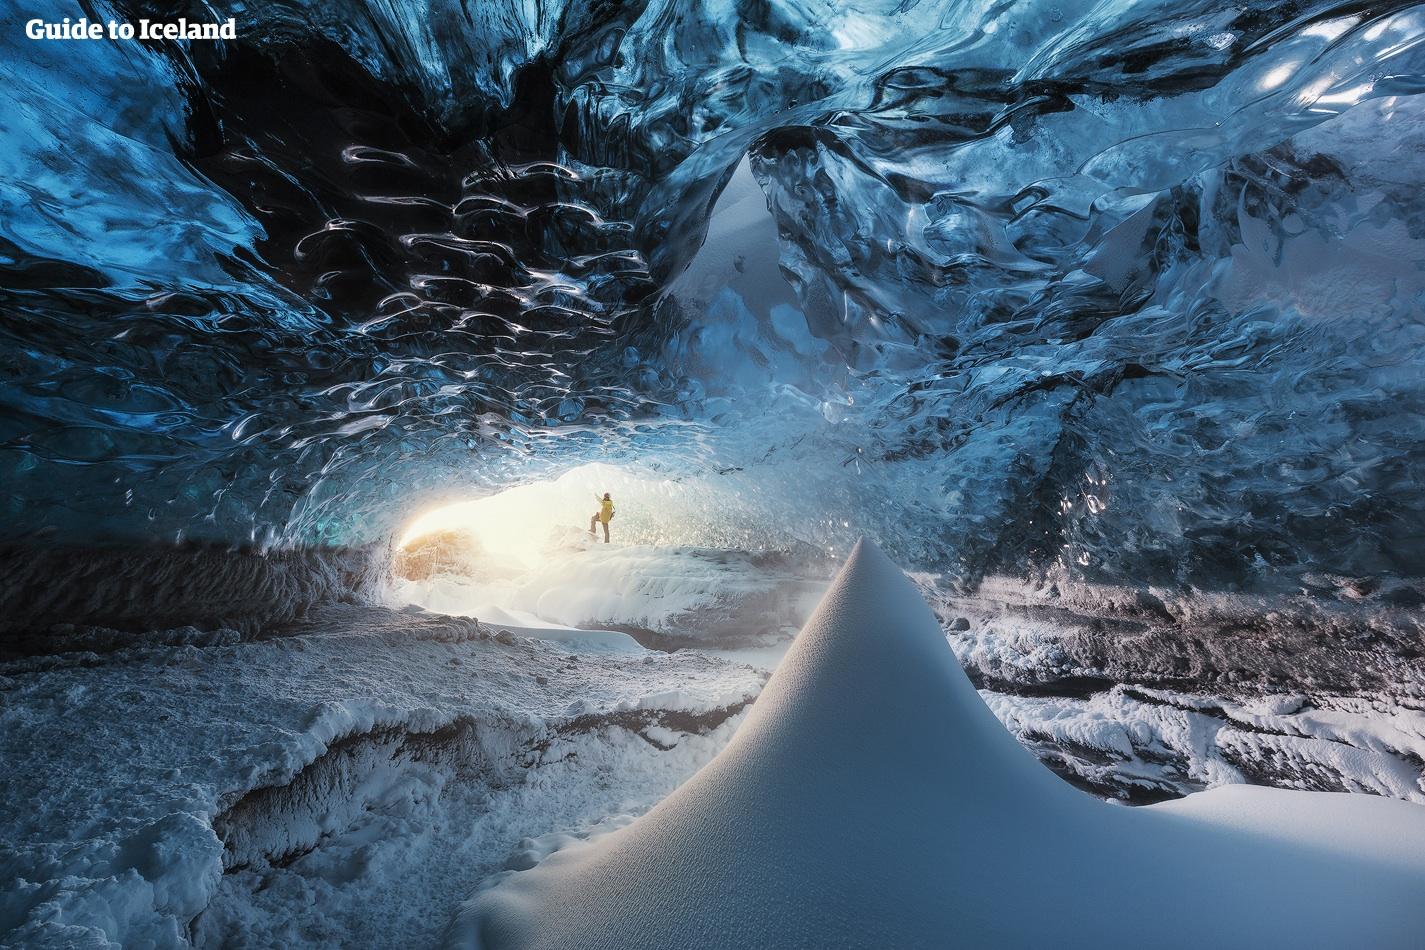 他们在冰岛第二大冰川--朗格冰川挖出了一条长达几百米的冰川隧道